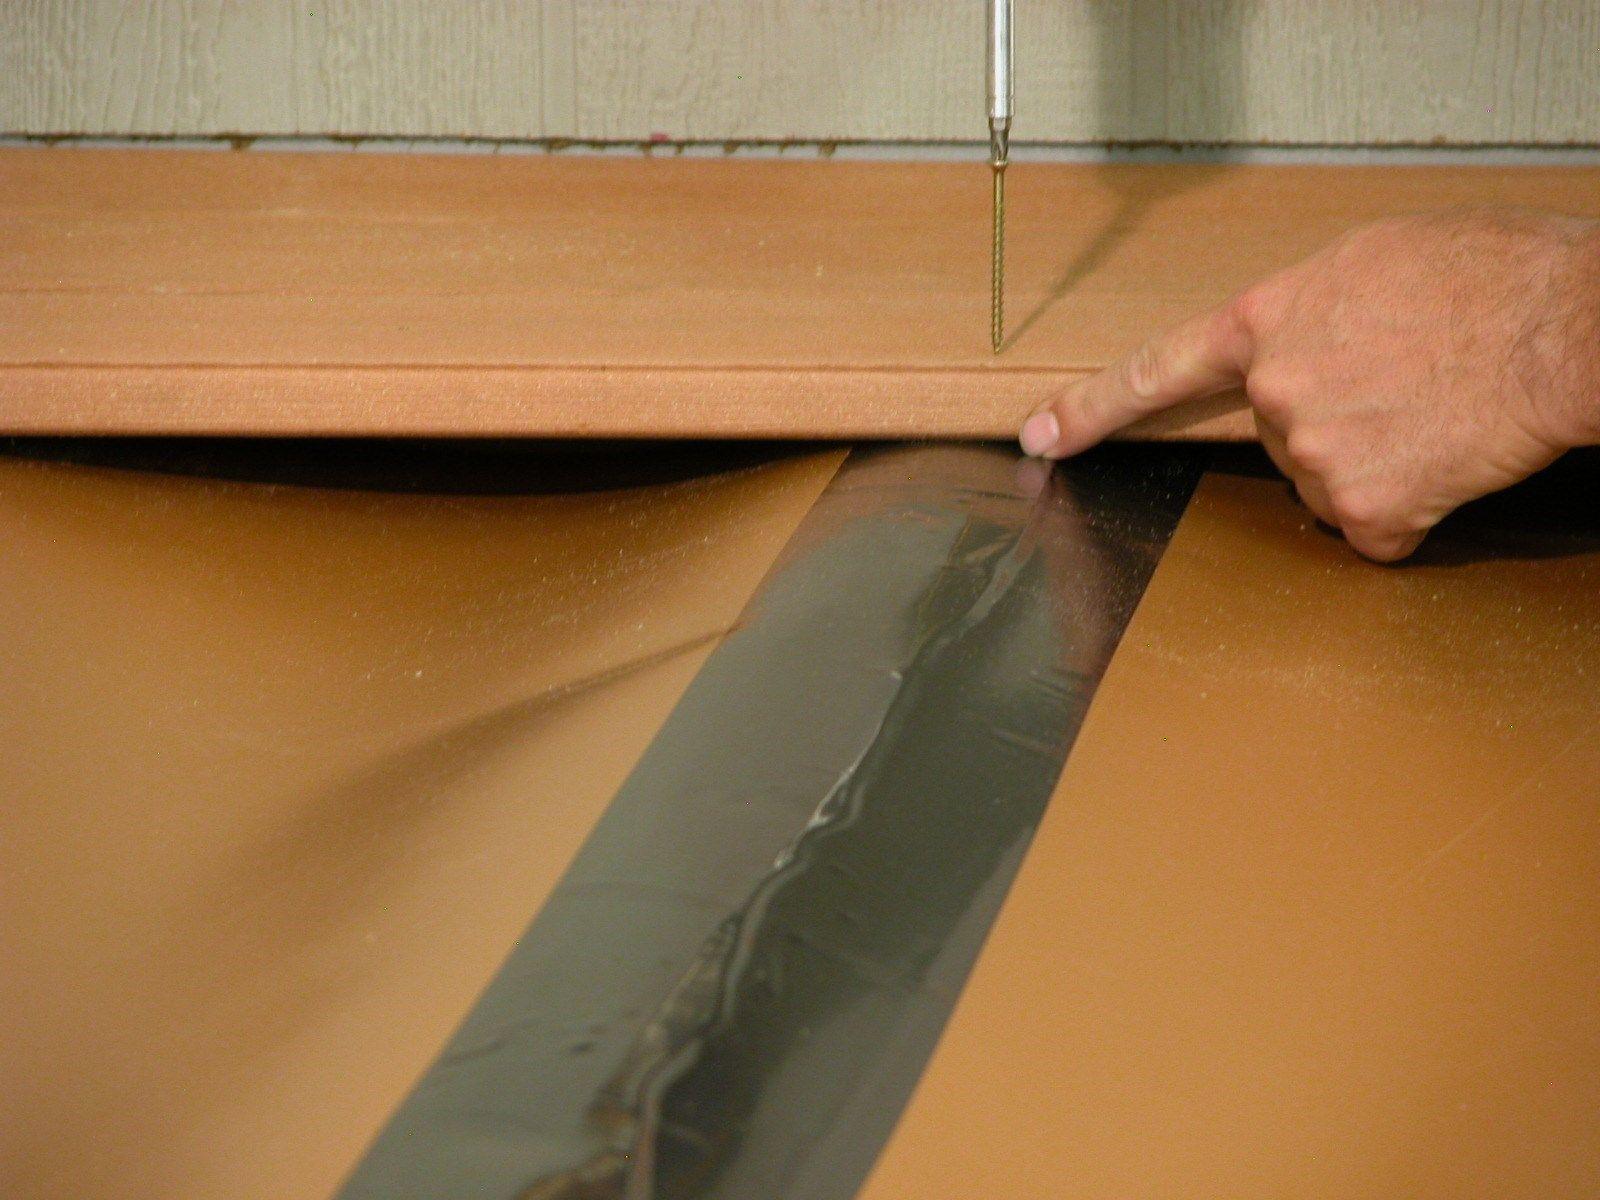 How To Install Under Deck Drainage Systems Decks Com